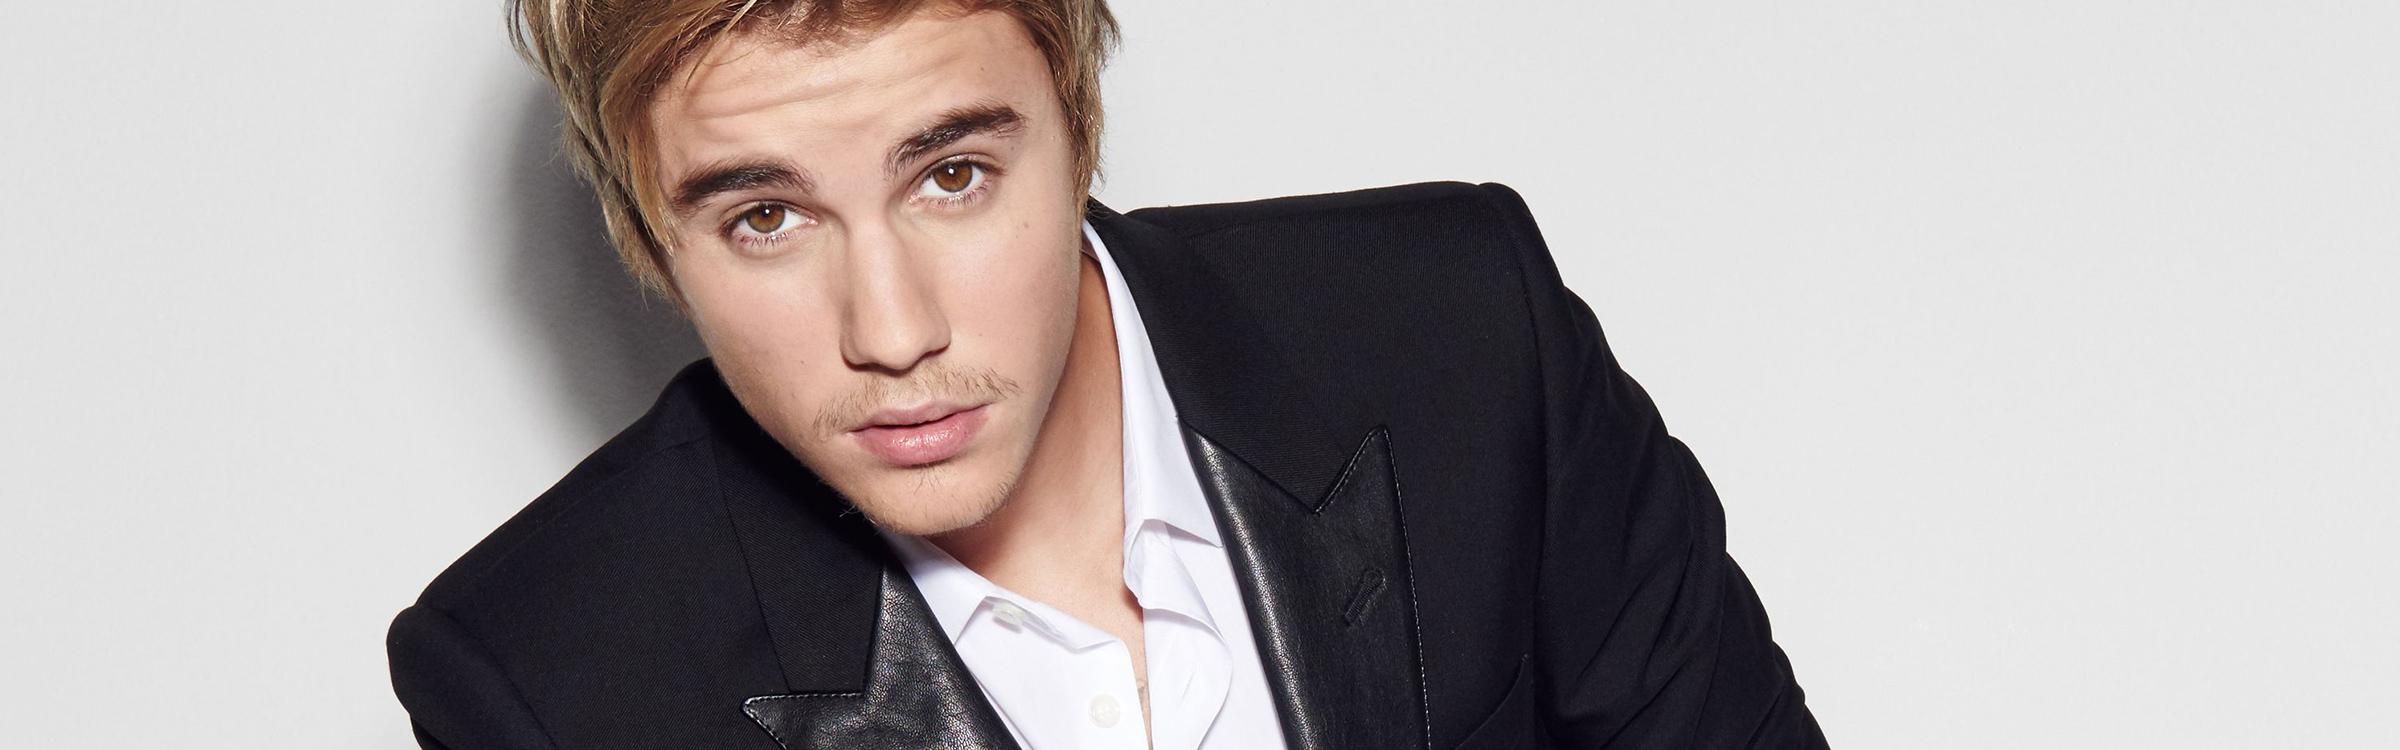 Bieber page